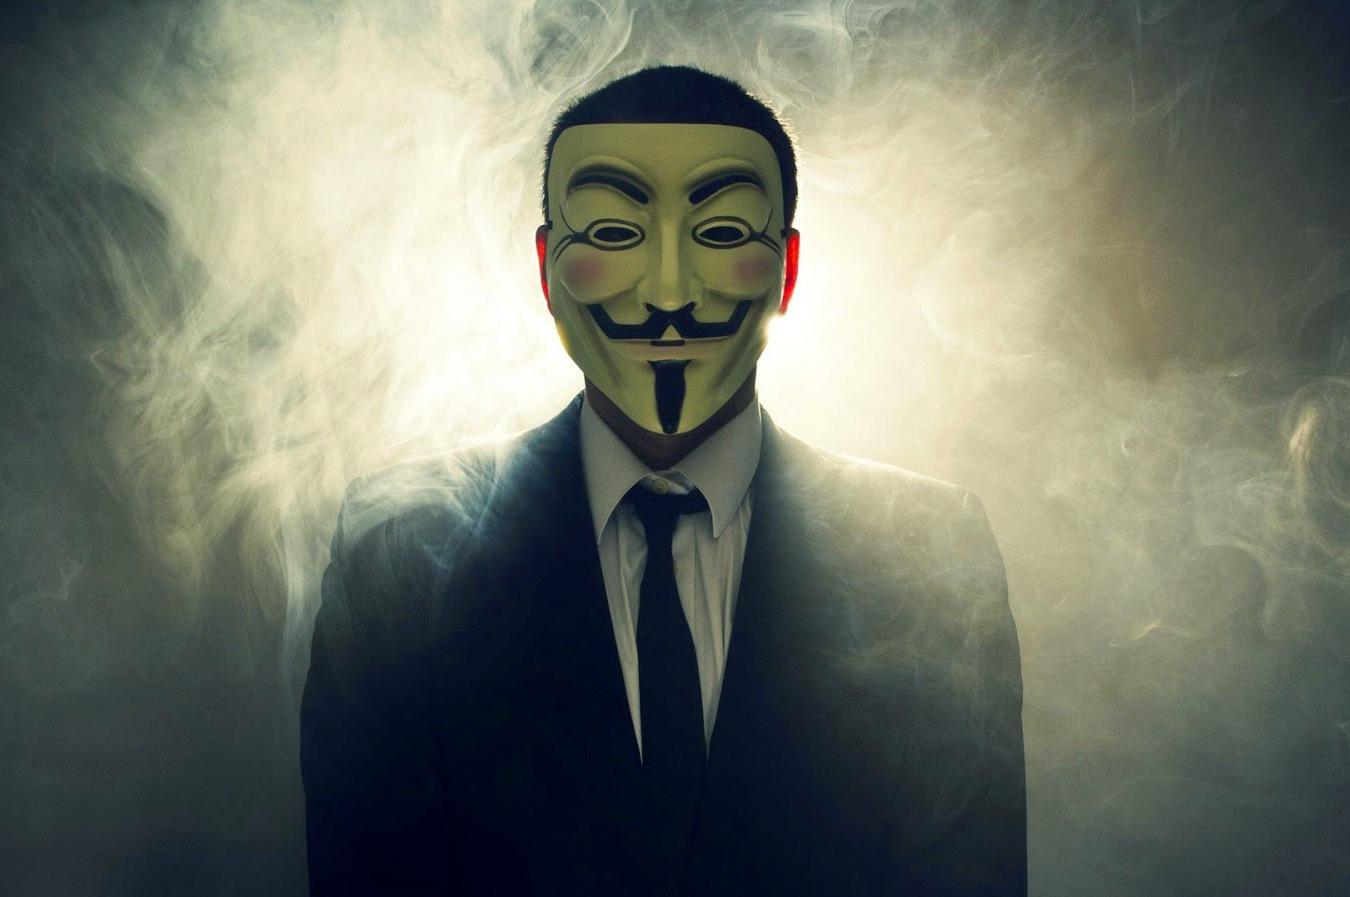 В России запретят анонимайзеры и VPN 2017, закон о запрете анонимайзеров, цензура в интернете, анонимайзеры запрет